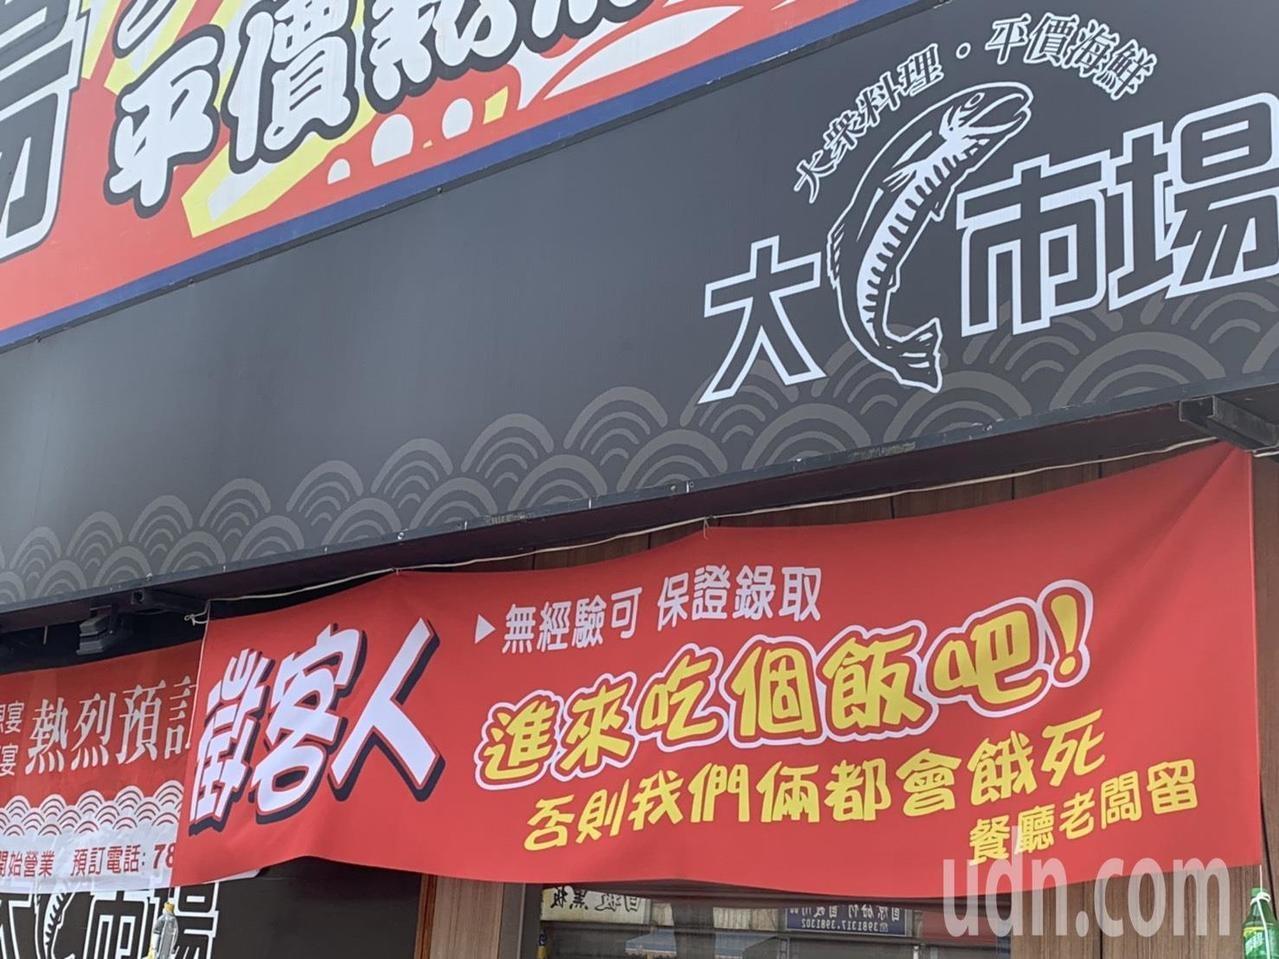 高雄餐飲業者掛上「徵客人」的紅布條,懇請消費者「進來吃個飯吧!否則我們倆都會餓死」。圖/聯合報記者徐如宜攝